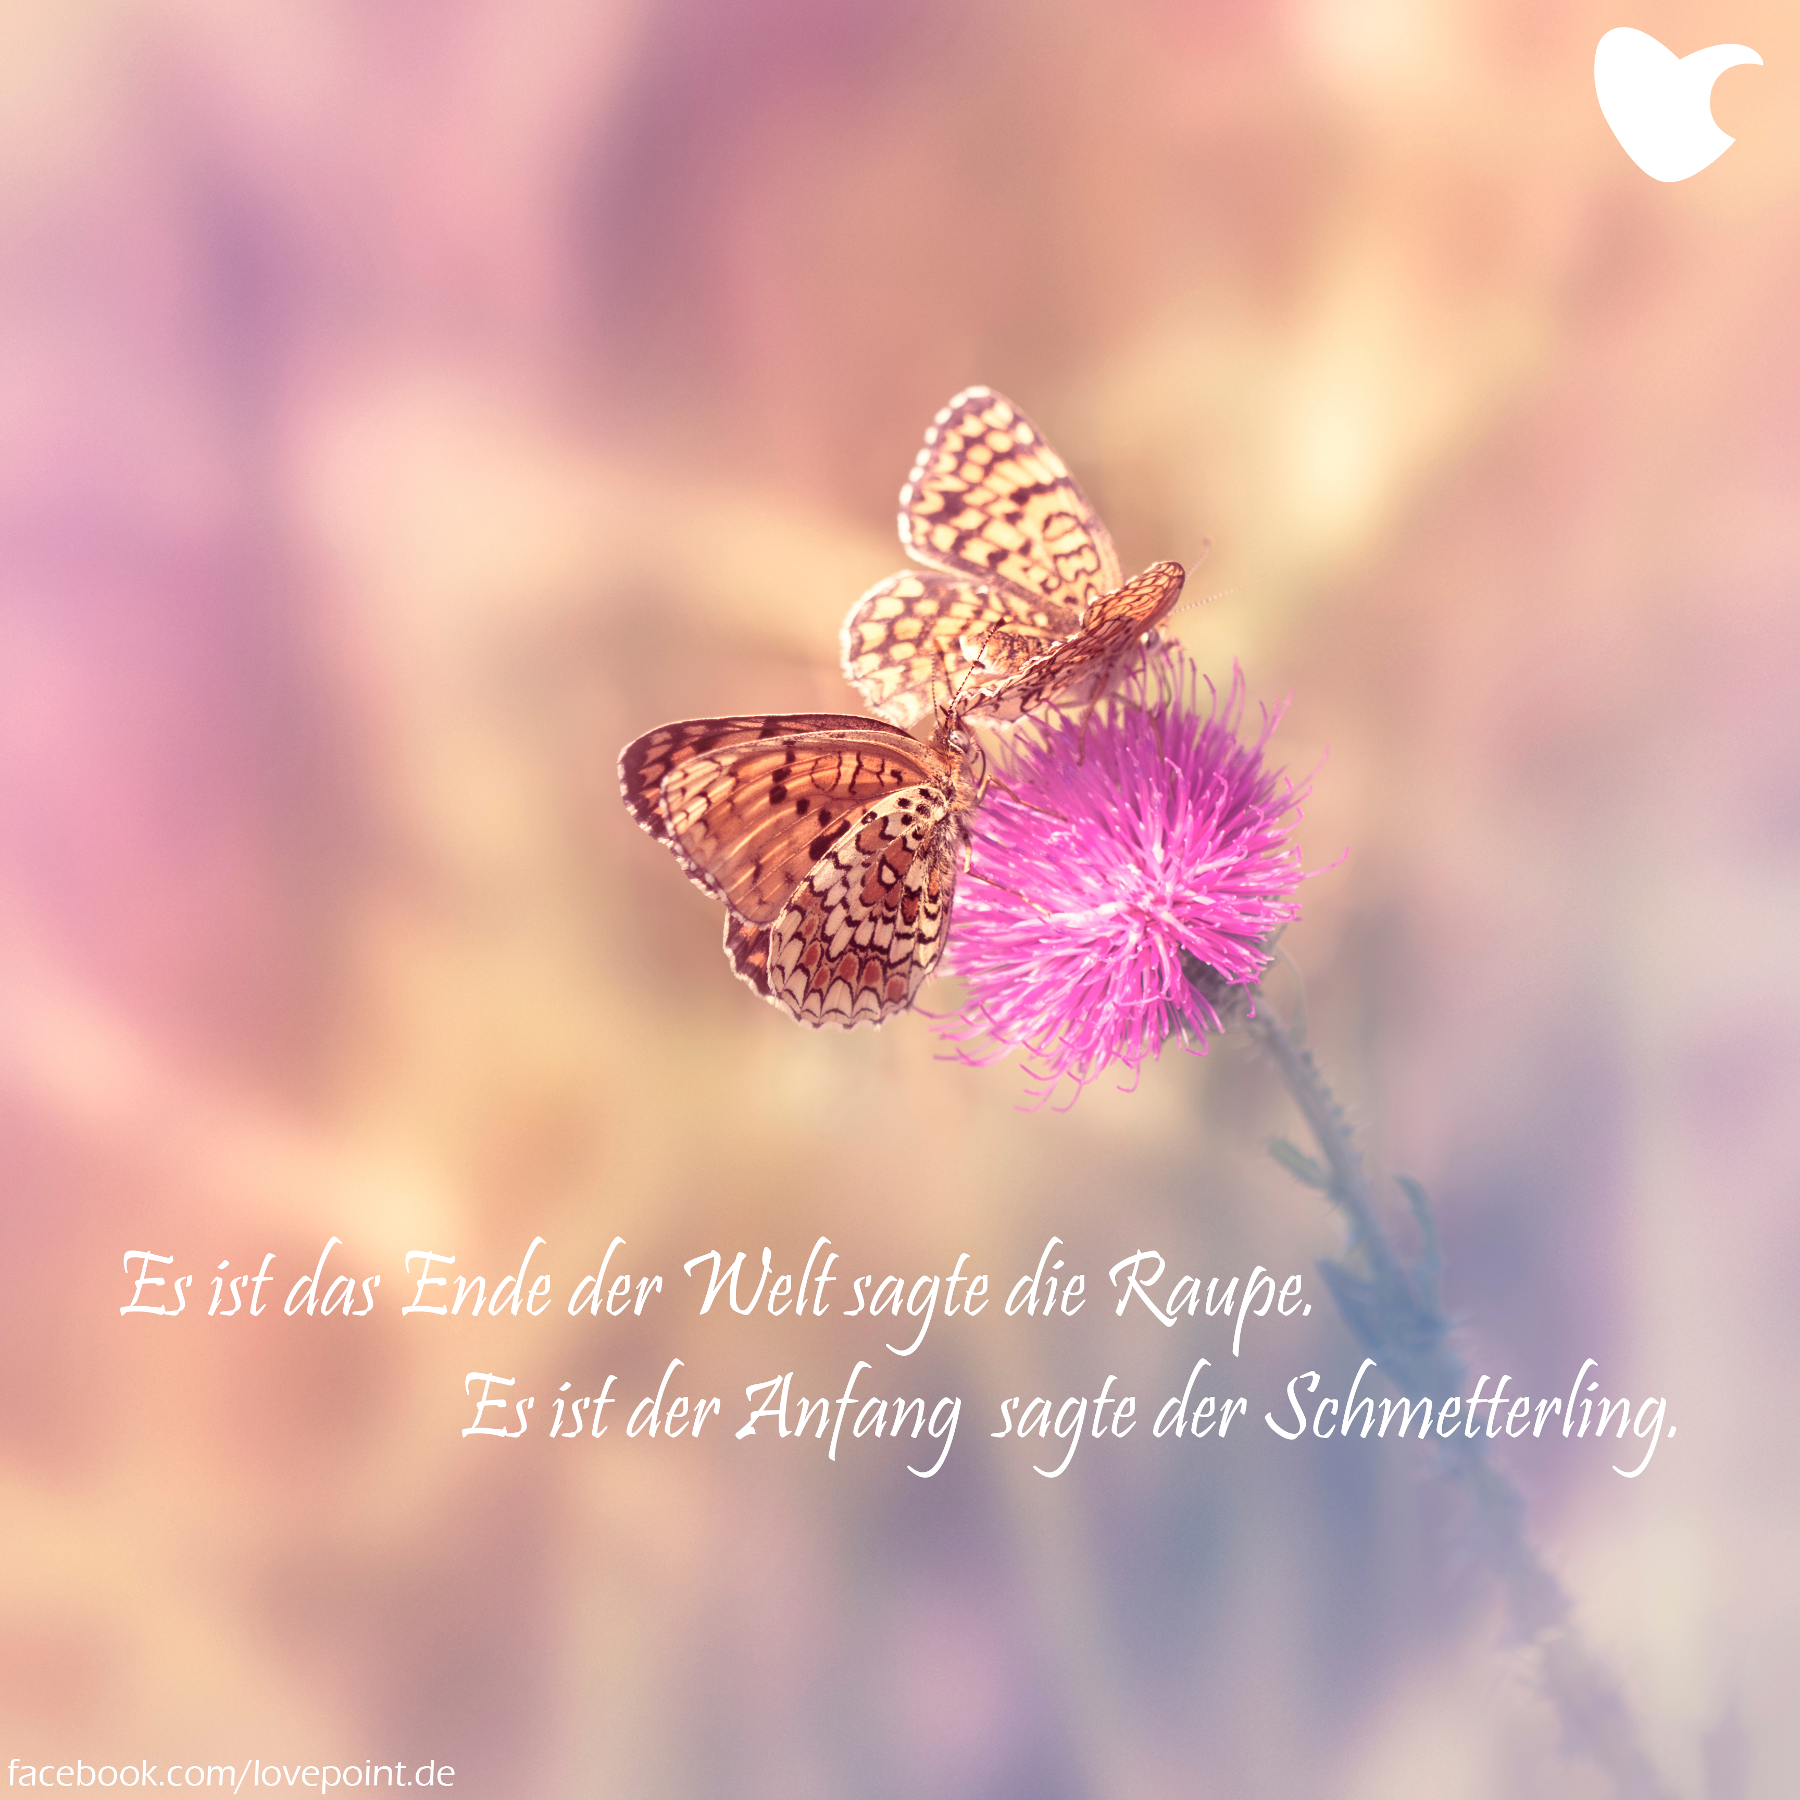 Es Ist Das Ender Der Welt Sagte Die Raupe Es Ist Der Anfang Sagte Der Schmetterling Schmetterling Zitate Frieden Zitate Weisheiten Spruche